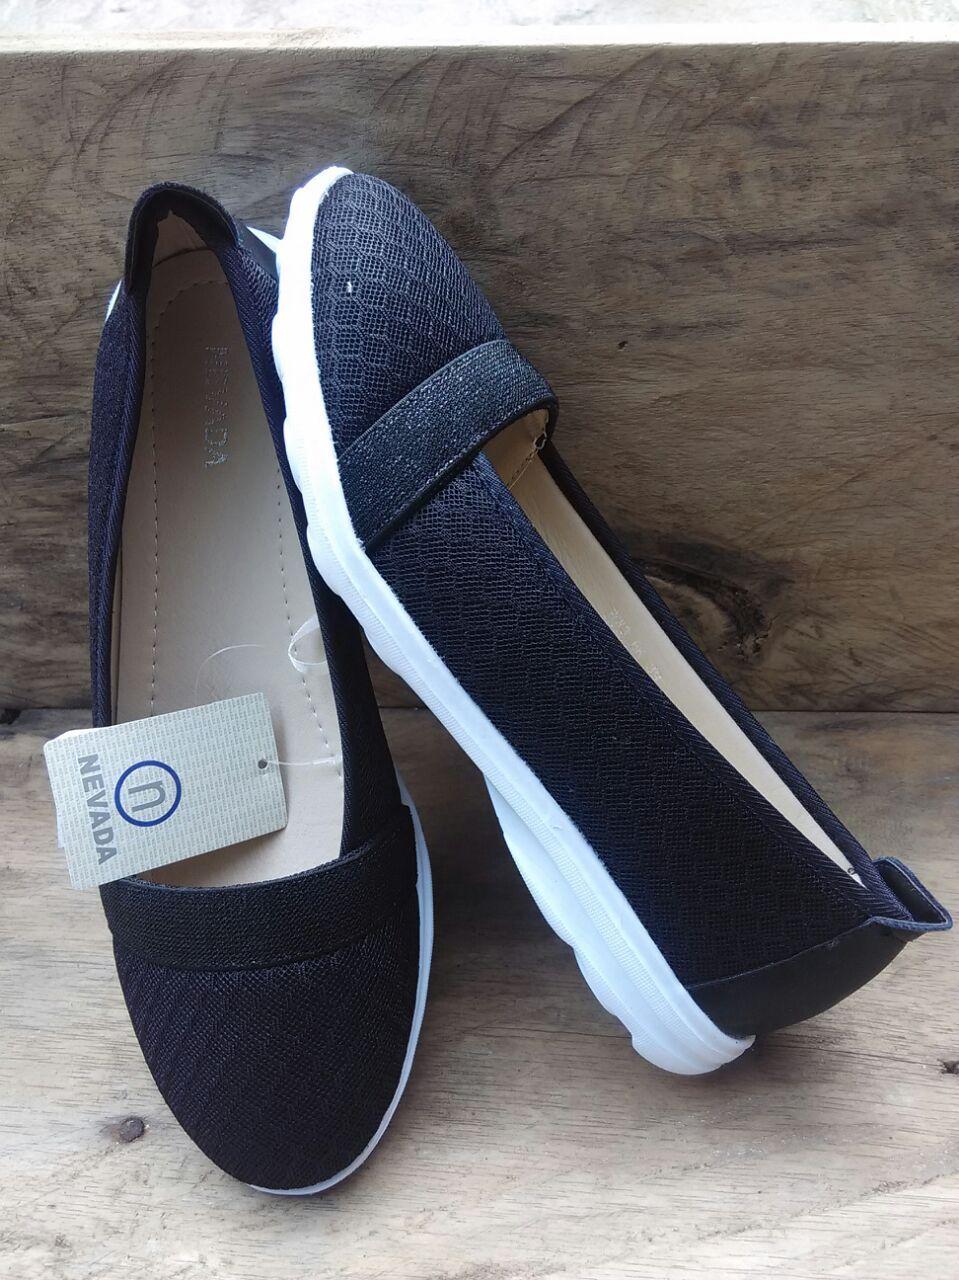 Jual sepatu wanita, Jual sepatu wanita terbaru, Jual